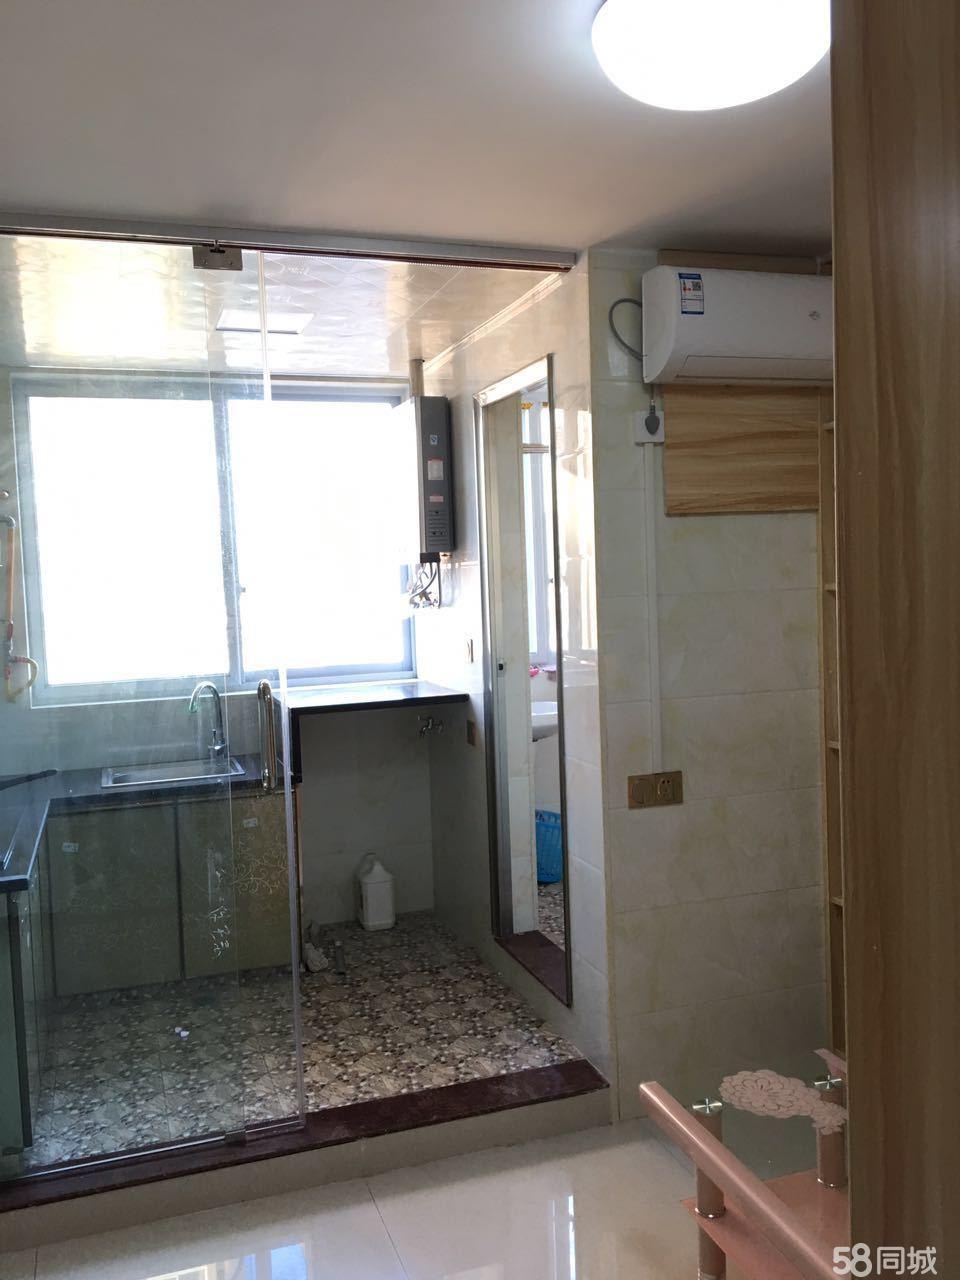 泸县希尔顿公绾1室1厅40平米精装修半年付押一